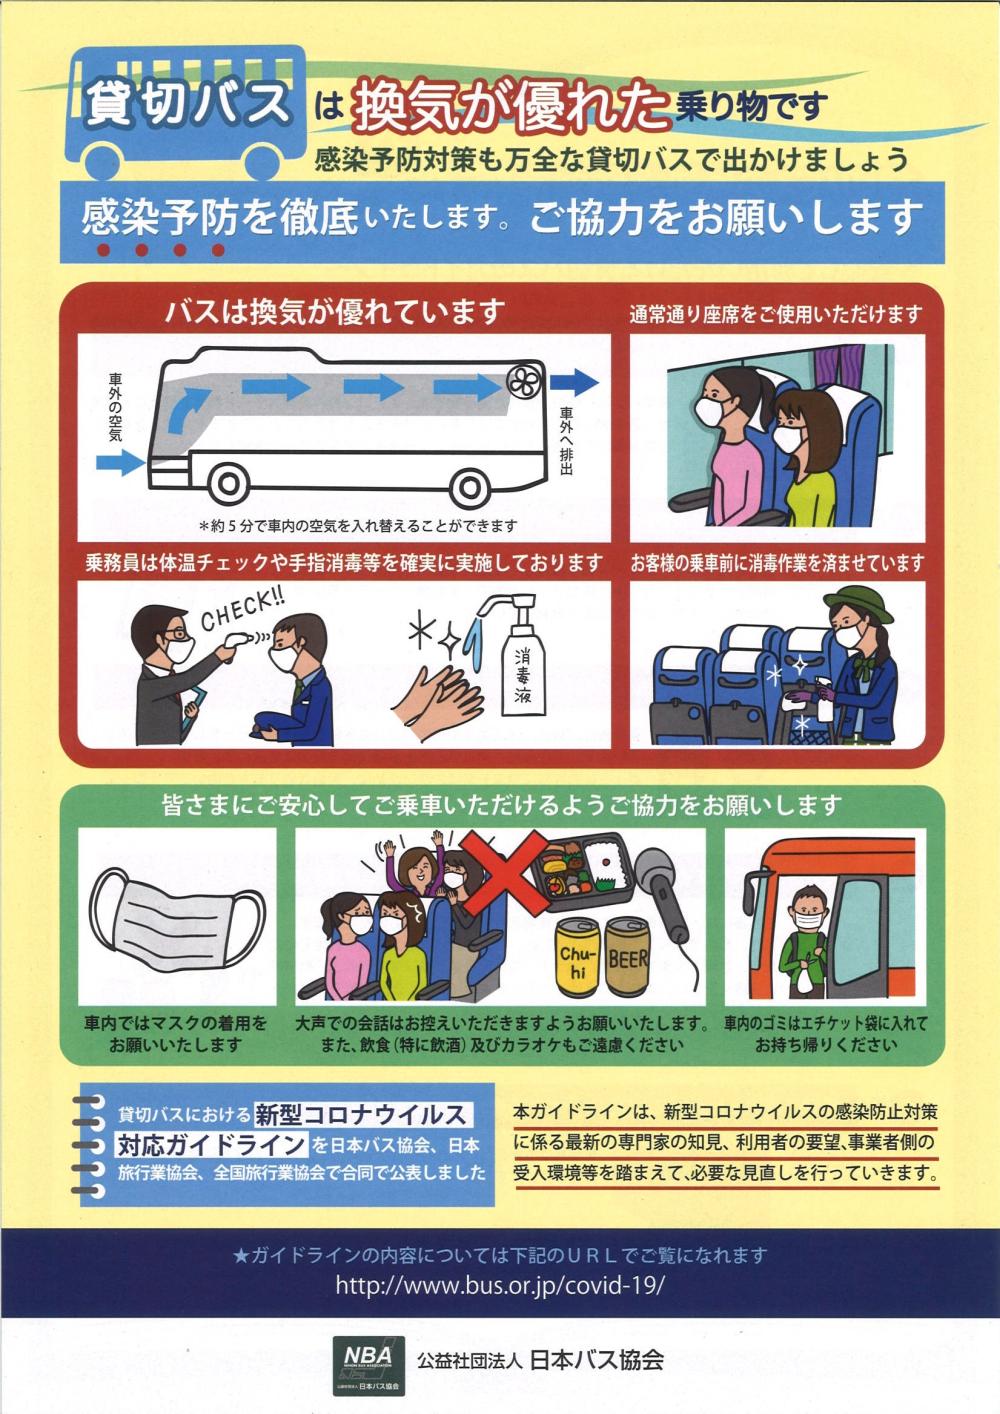 貸切バスの感染予防対策